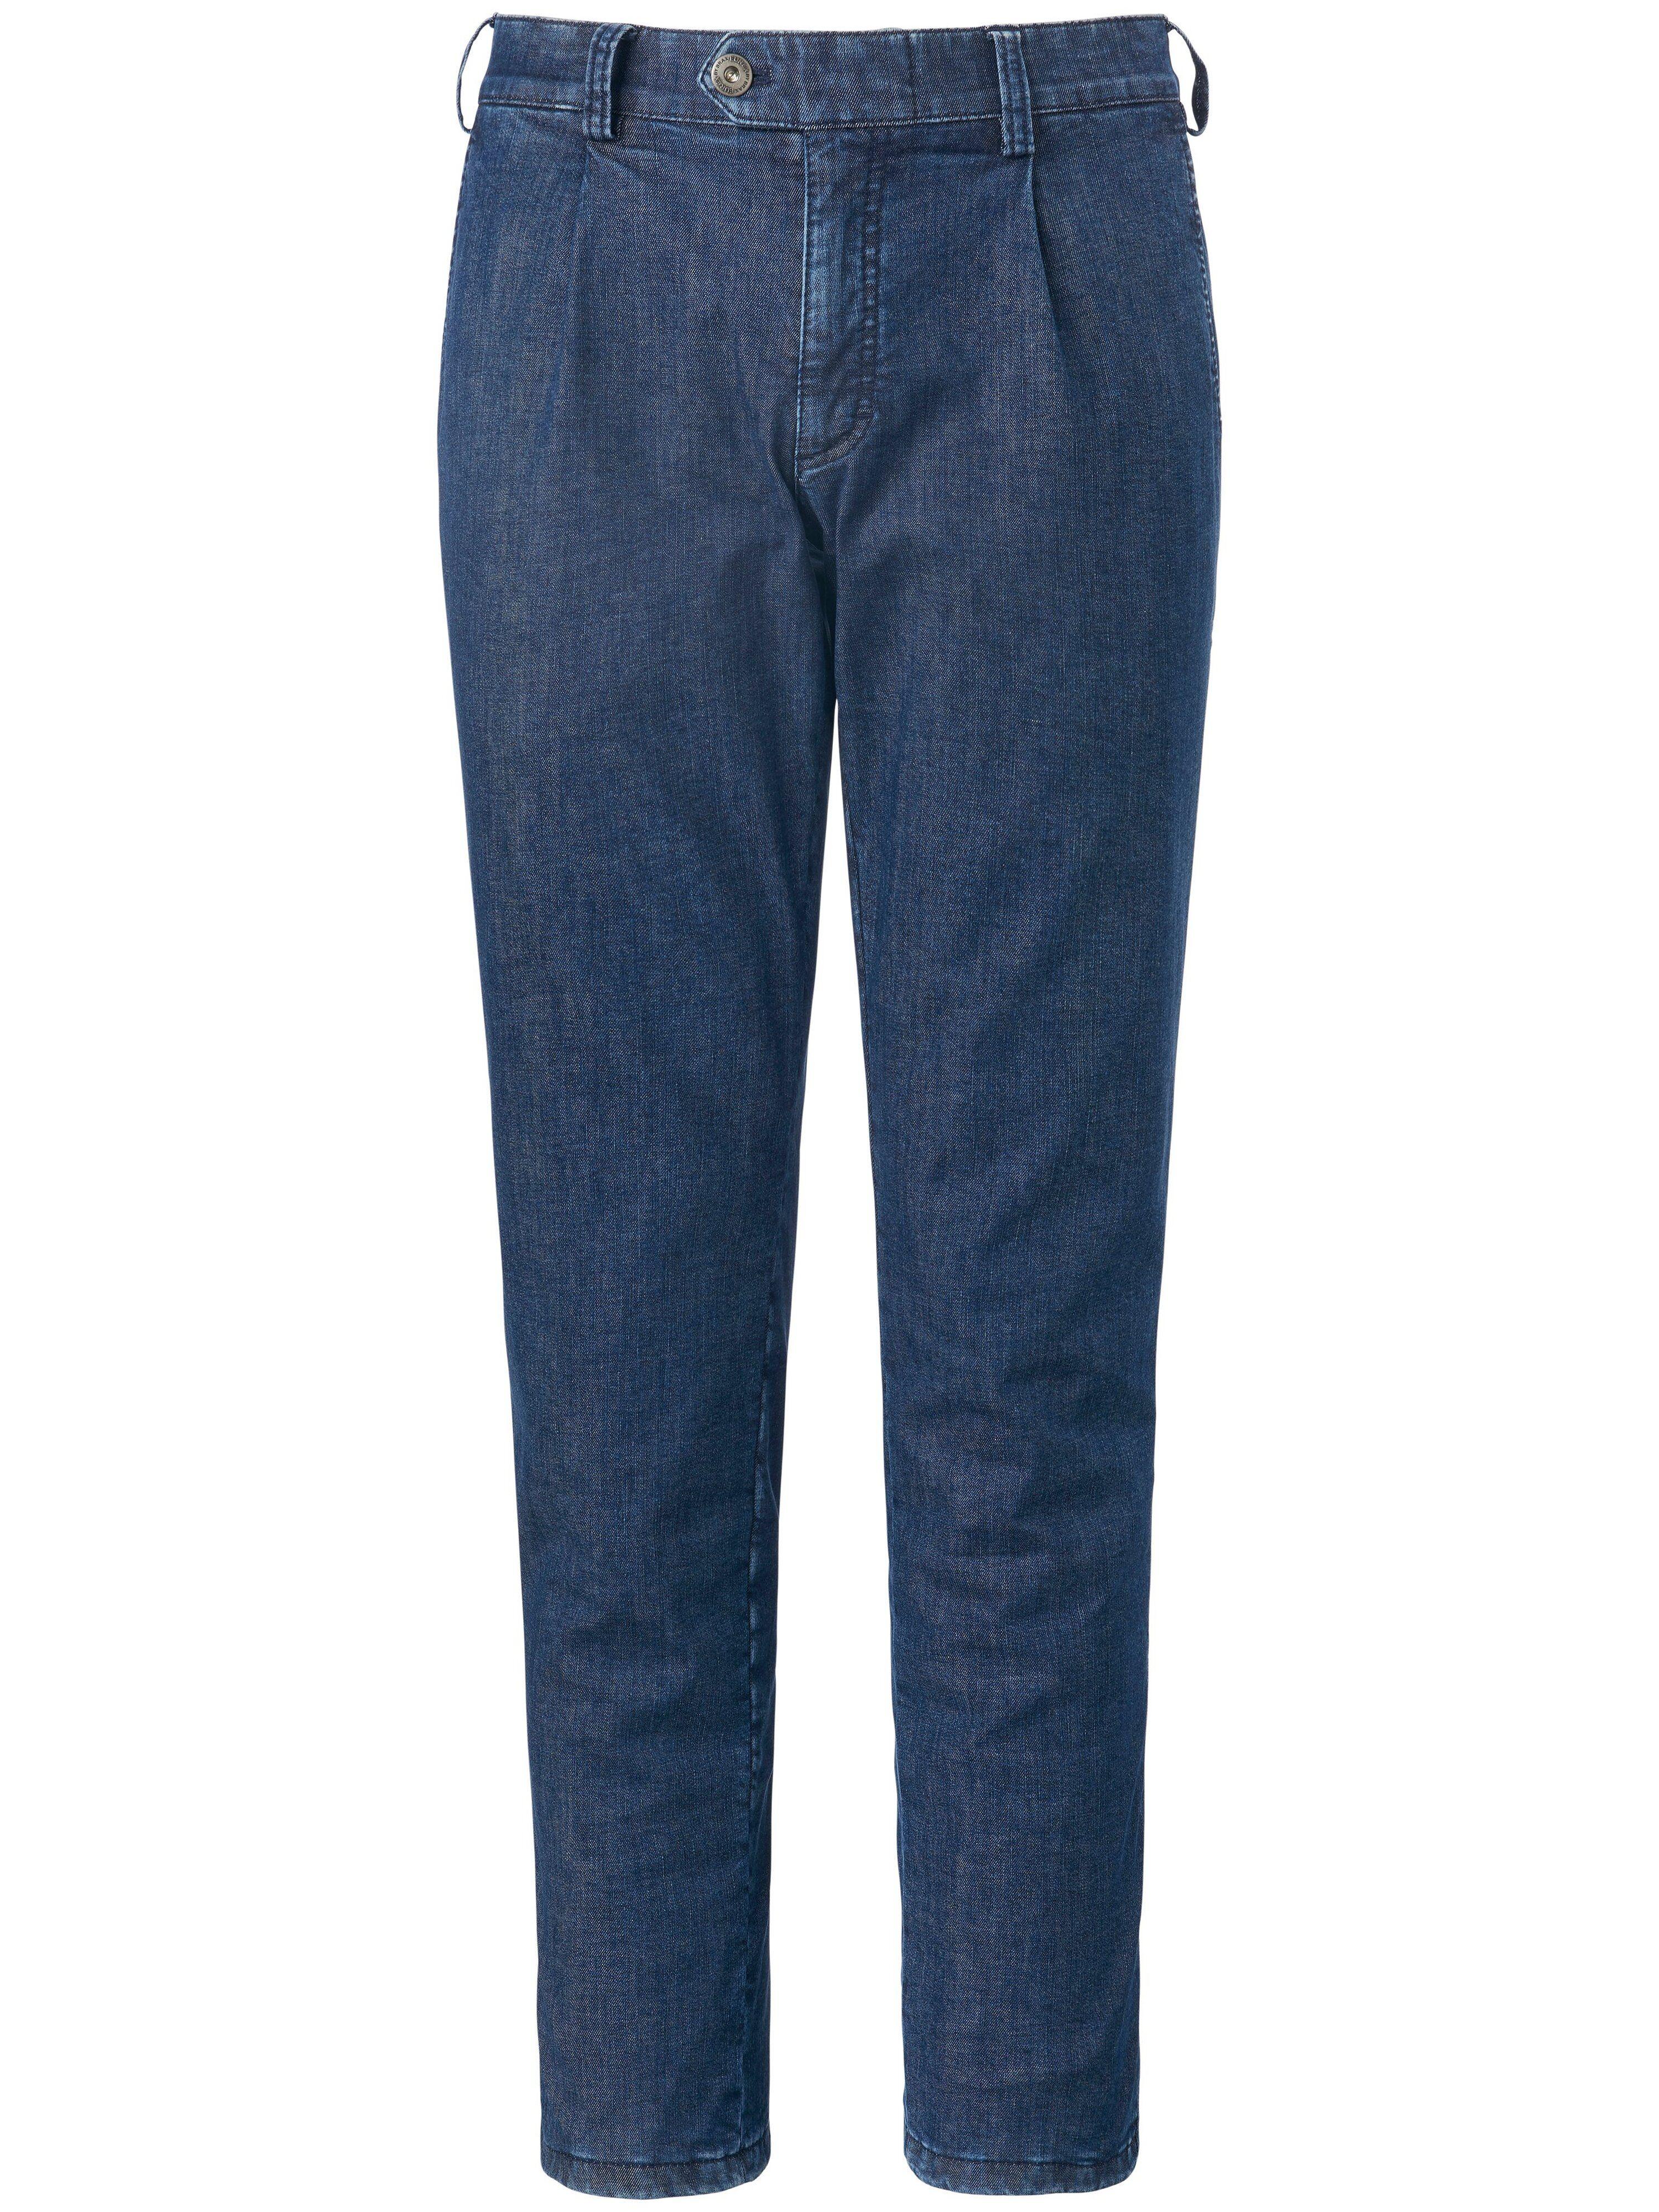 Brax Le pantalon chaud à pinces modèle Mike  Eurex by Brax denim  - Homme - 25